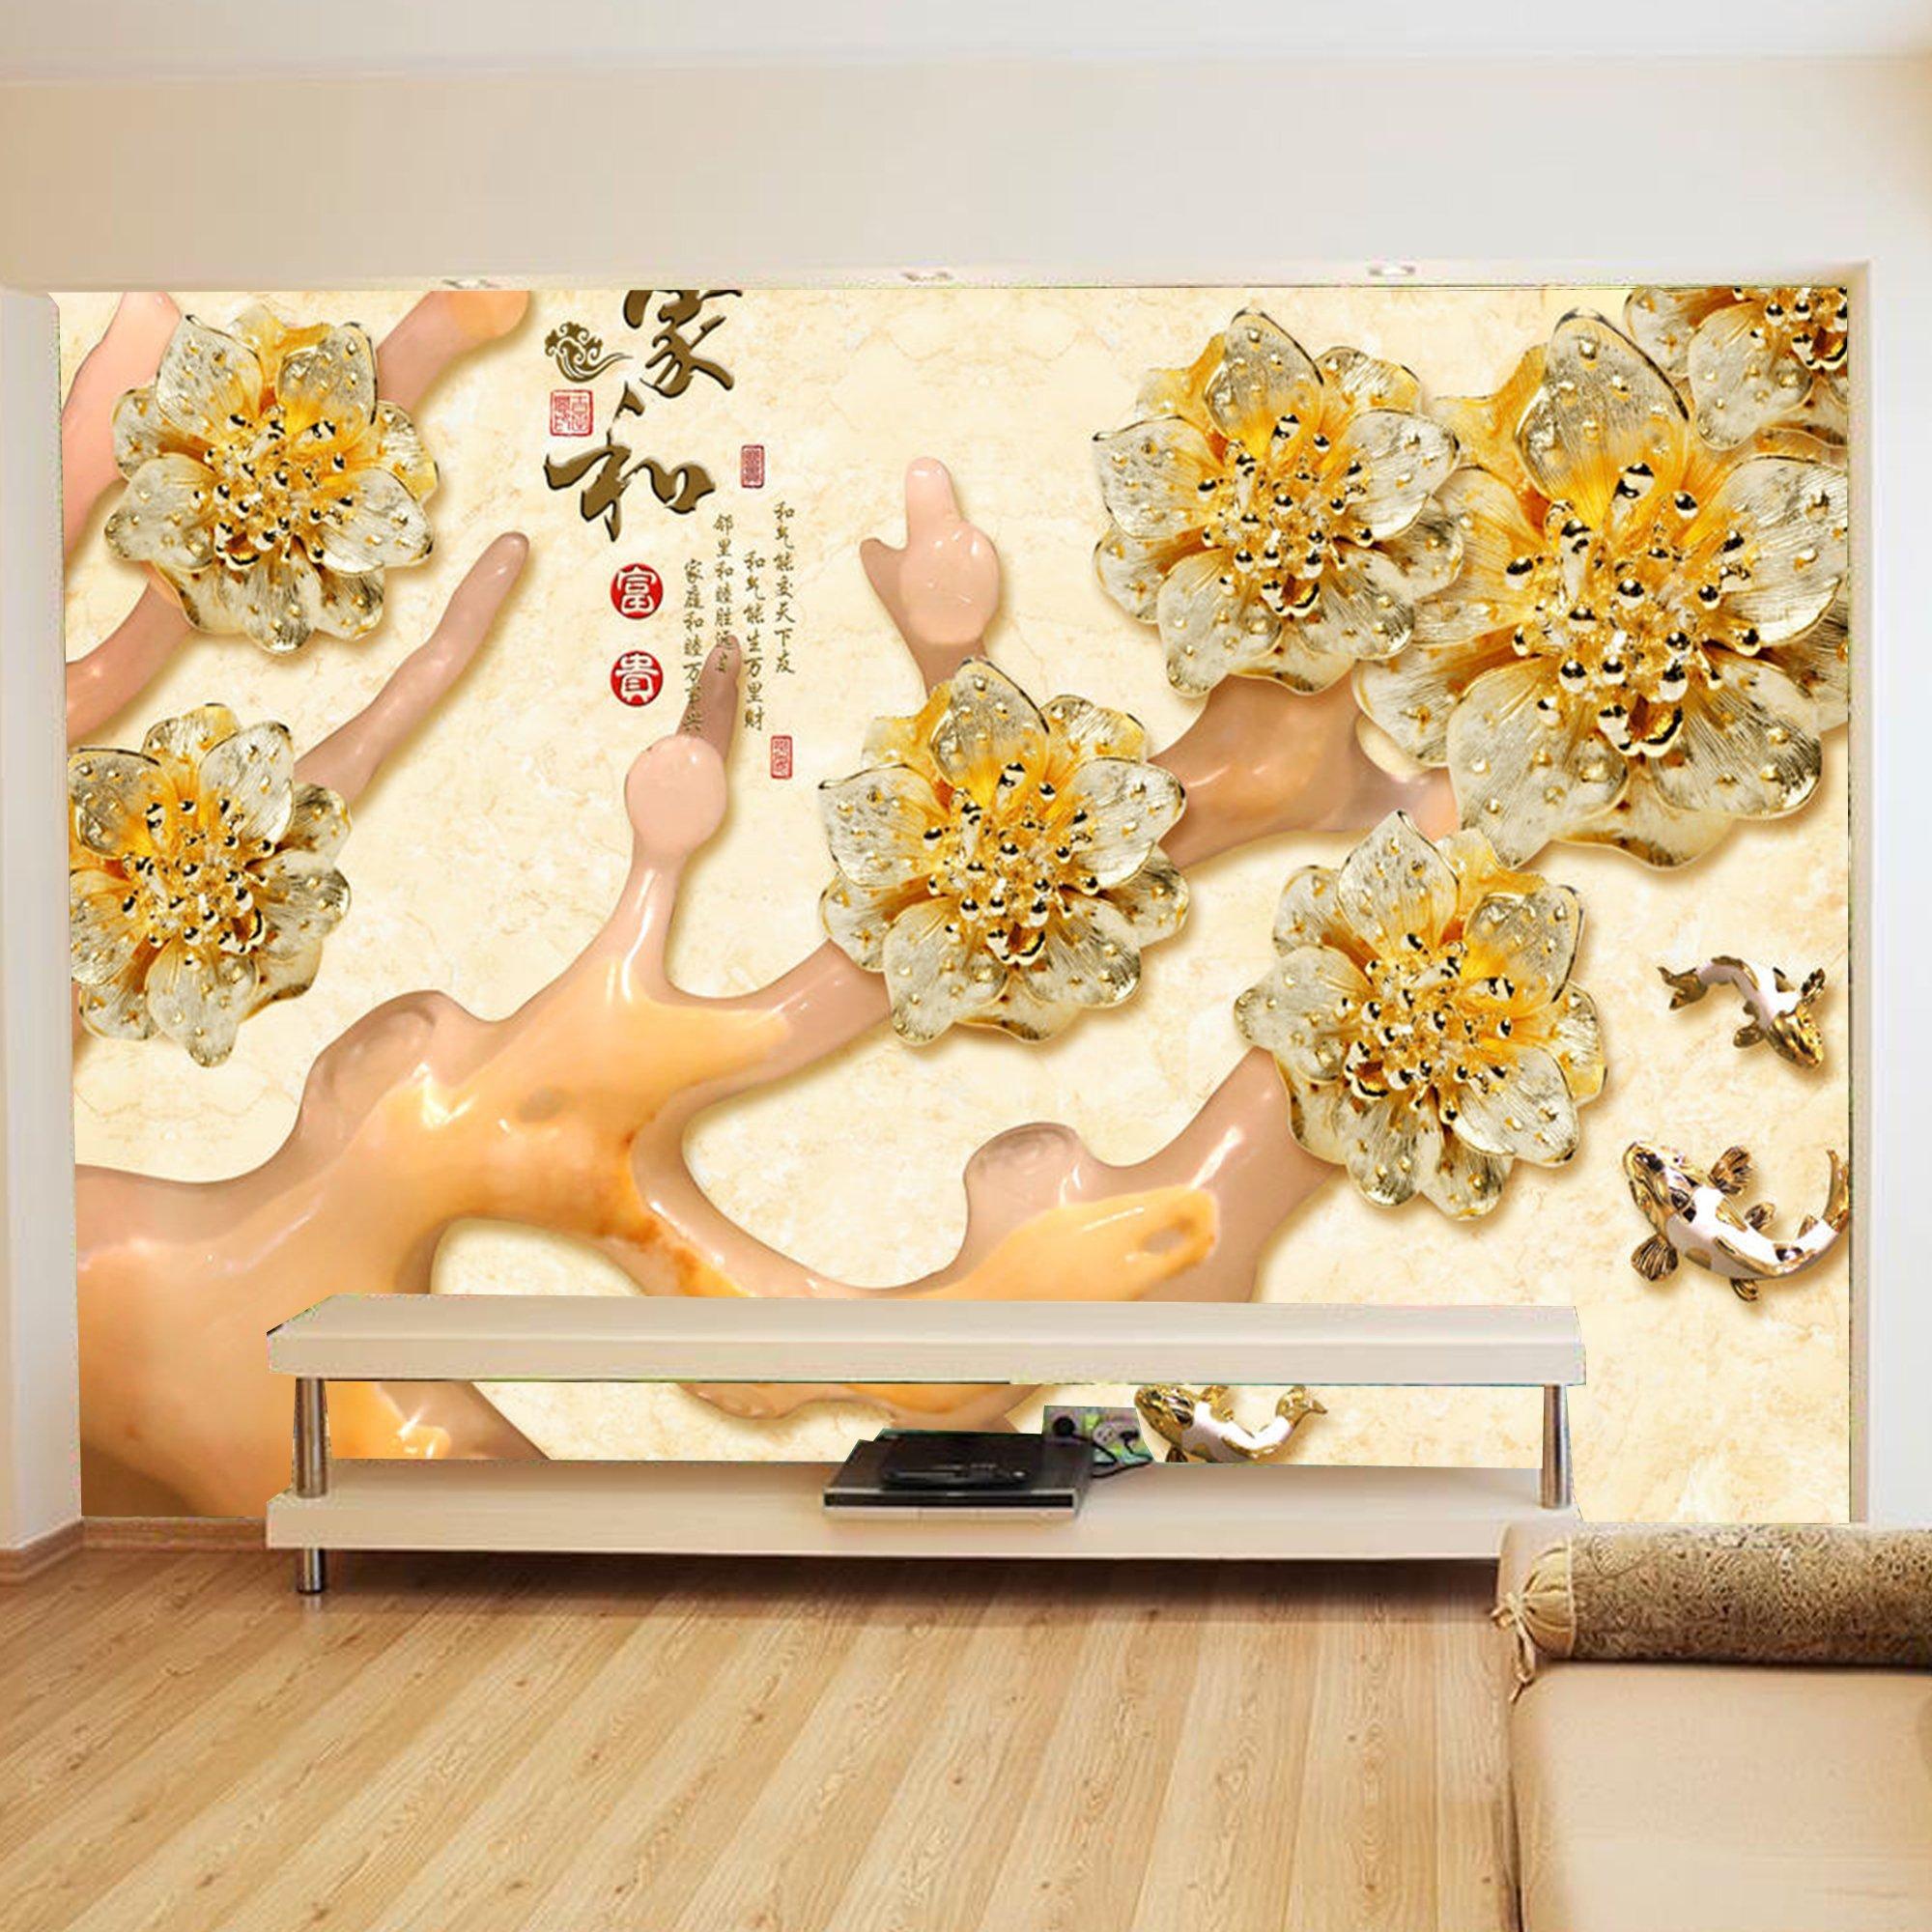 Tranh dán tường hoa sứ 3D